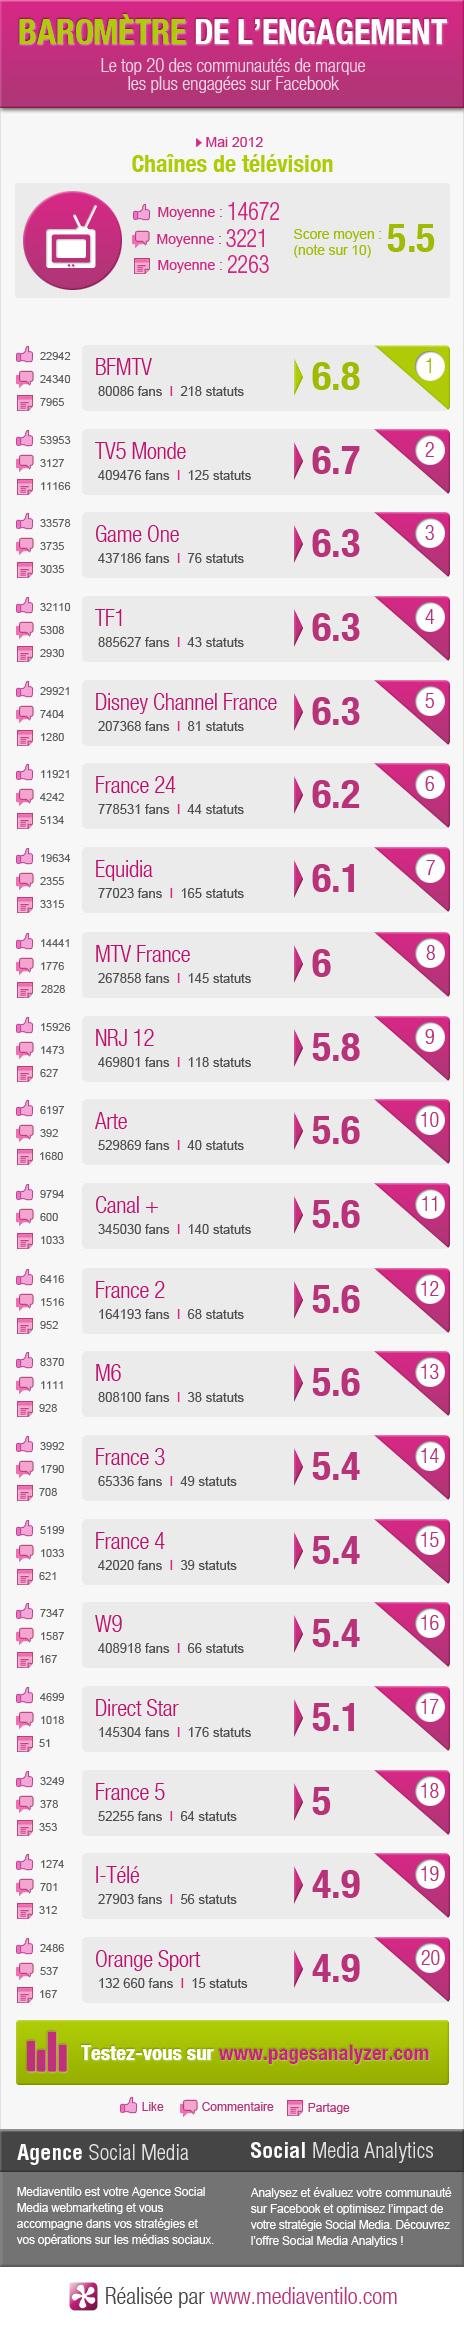 barometre engagement chaine television2 Baromètre de l'engagement : pages Facebook des chaînes de télévision